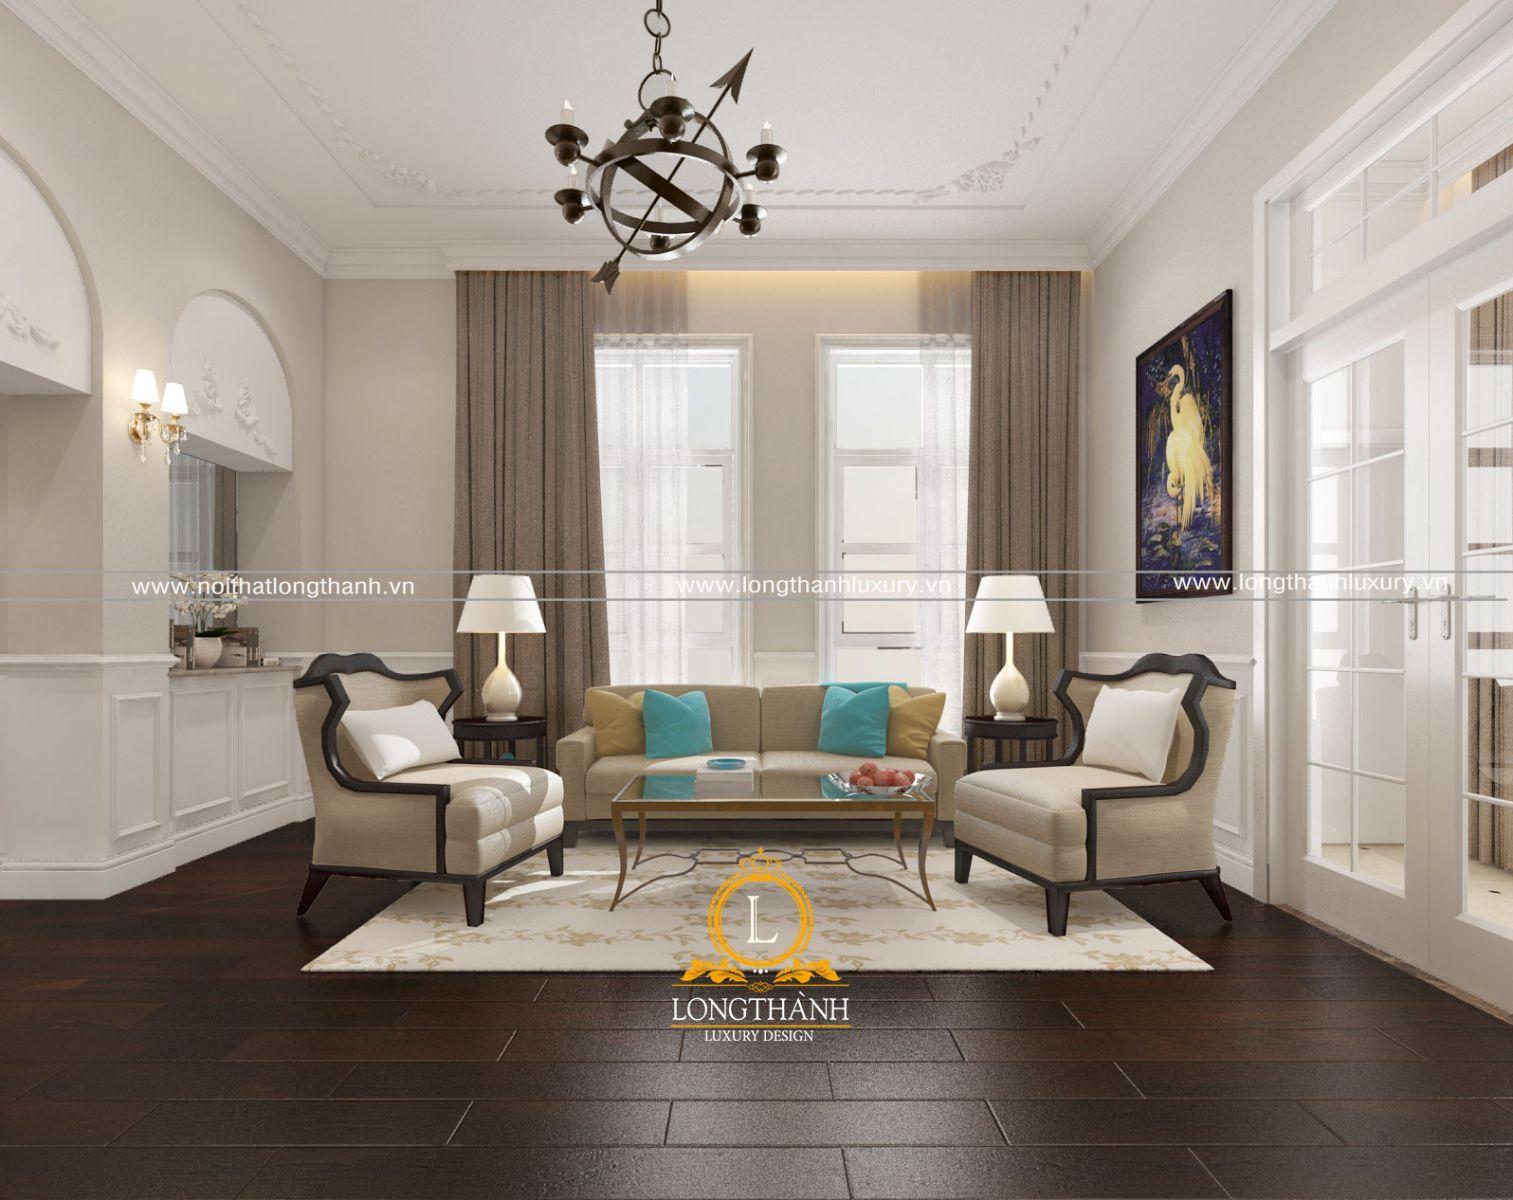 Mẫu sofa nỉ đẹp được kết hợp màu sắc đẹp và ấn tượng